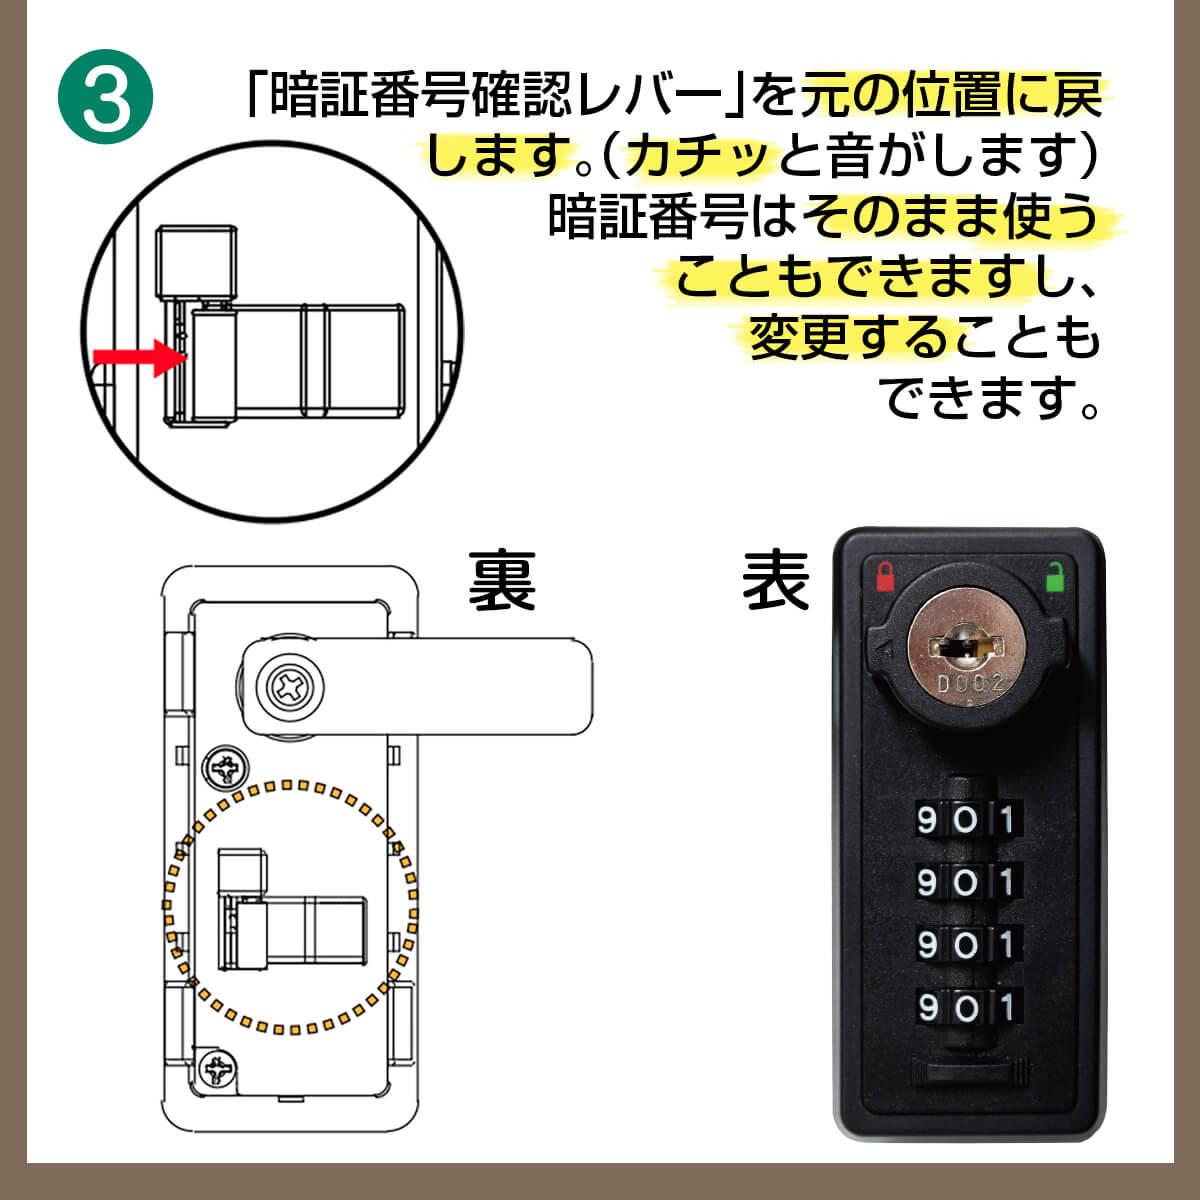 宅配ボックス ルスネコボックス®の上からの使い方4